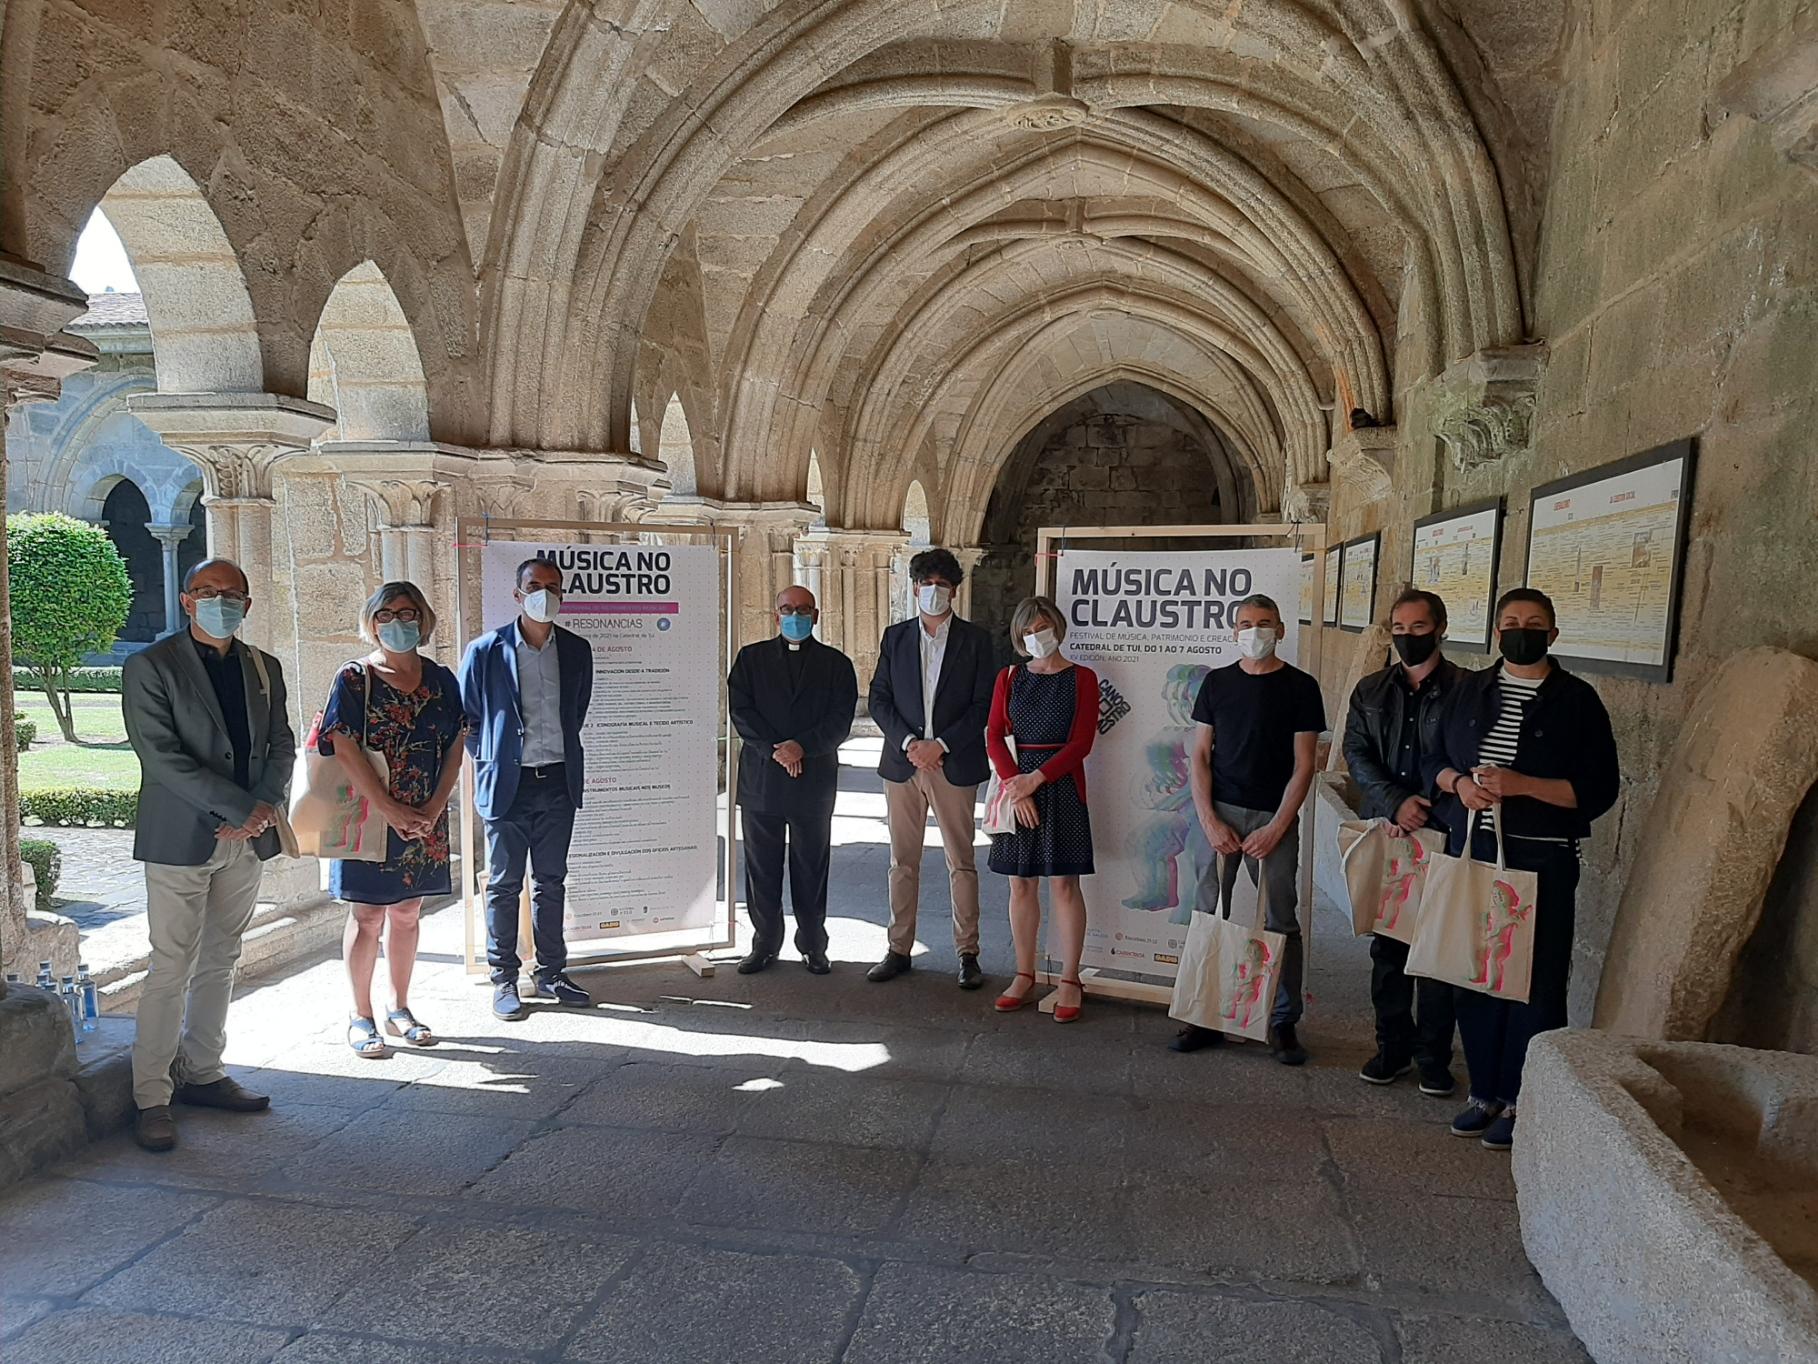 Begoña Riobó e Anxo Pintos, artistas convidados a esta edición do festival.